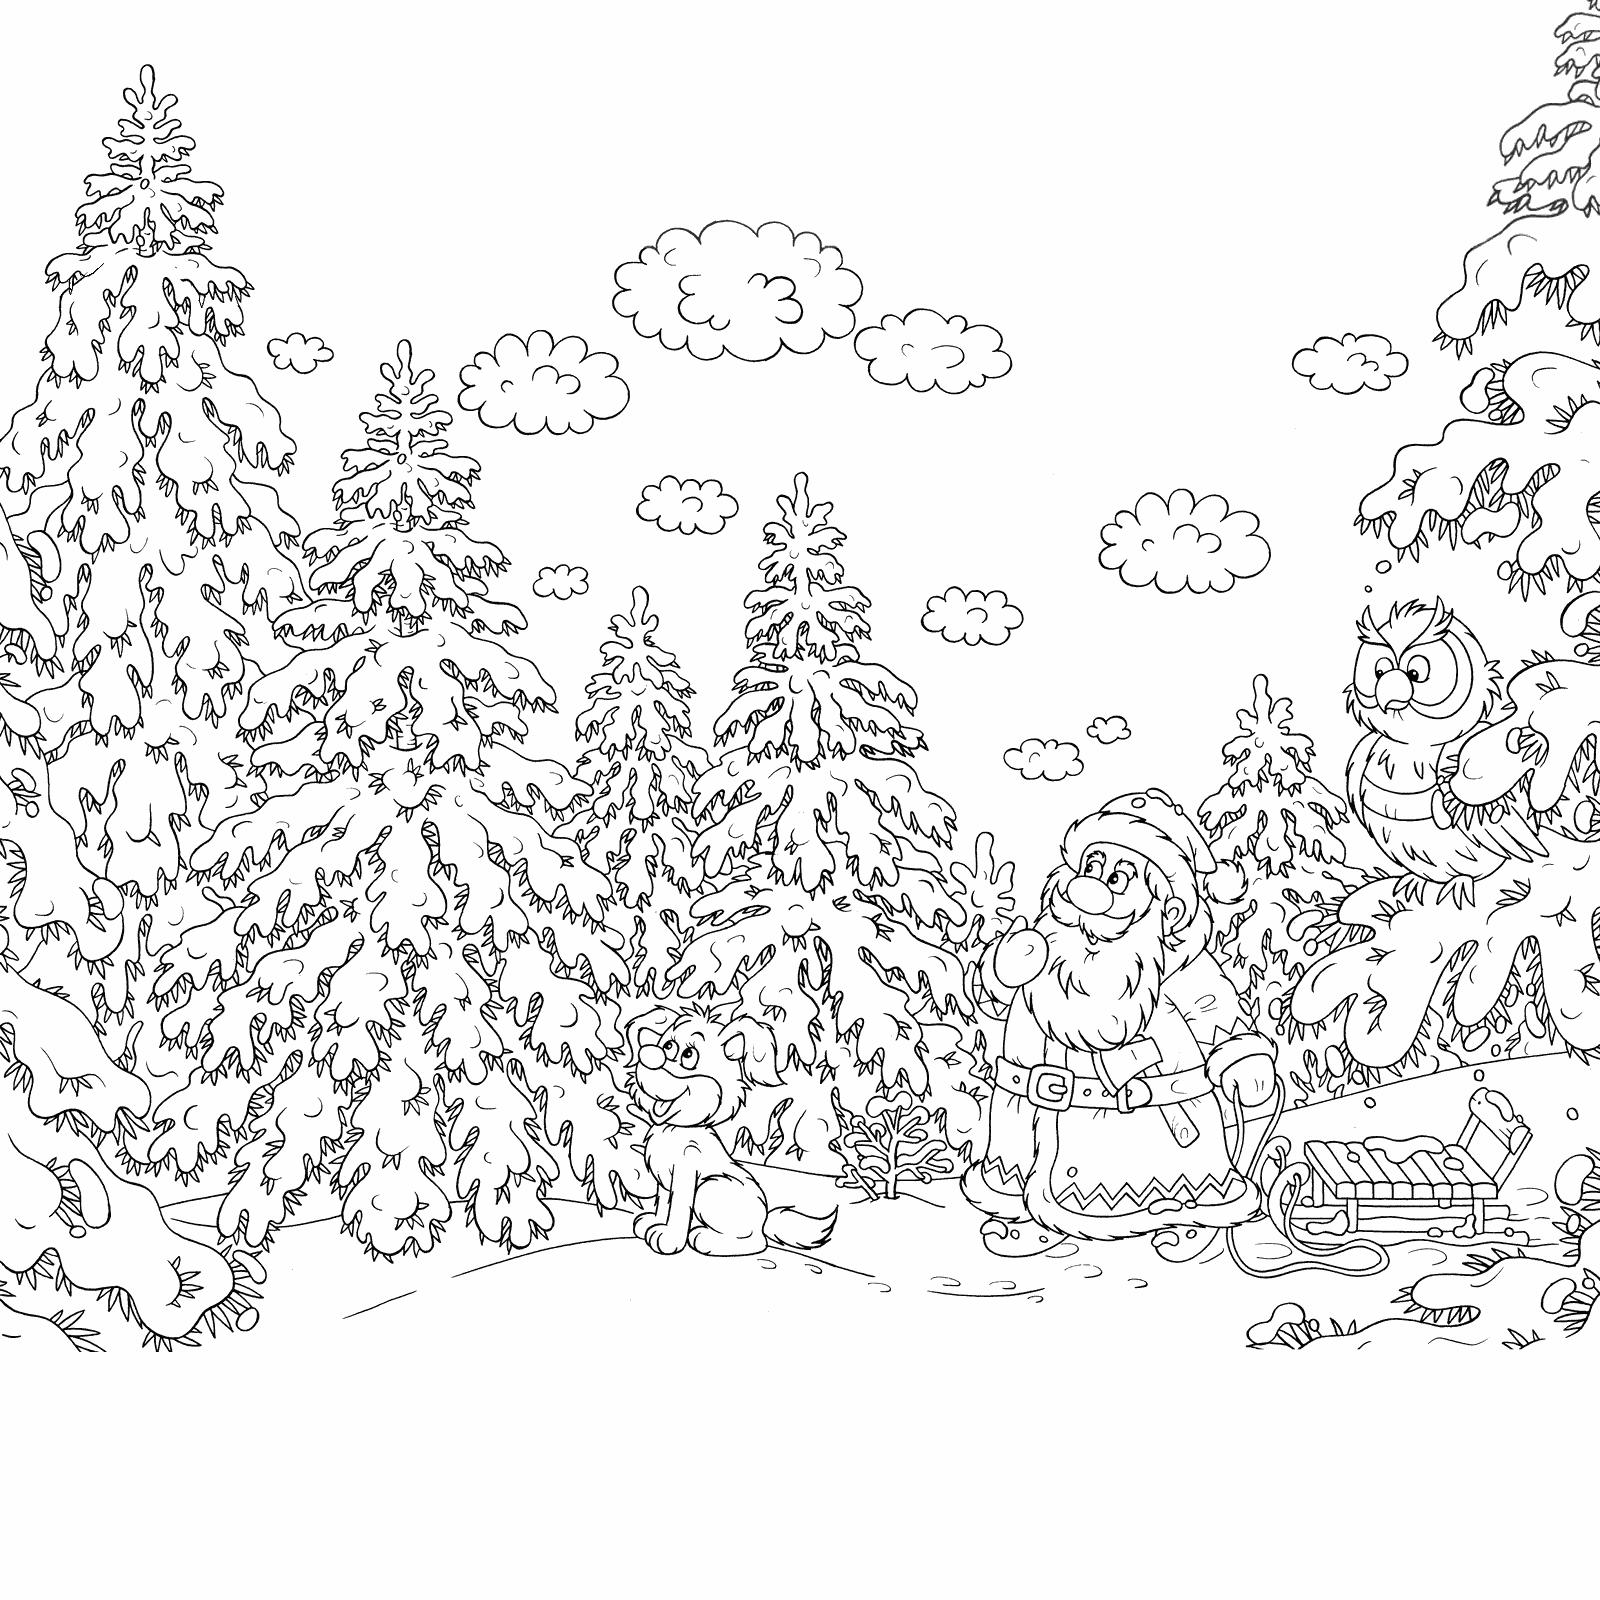 охлажденную шаблоны к новому году зимний сказочный лес бывают вогнутыми